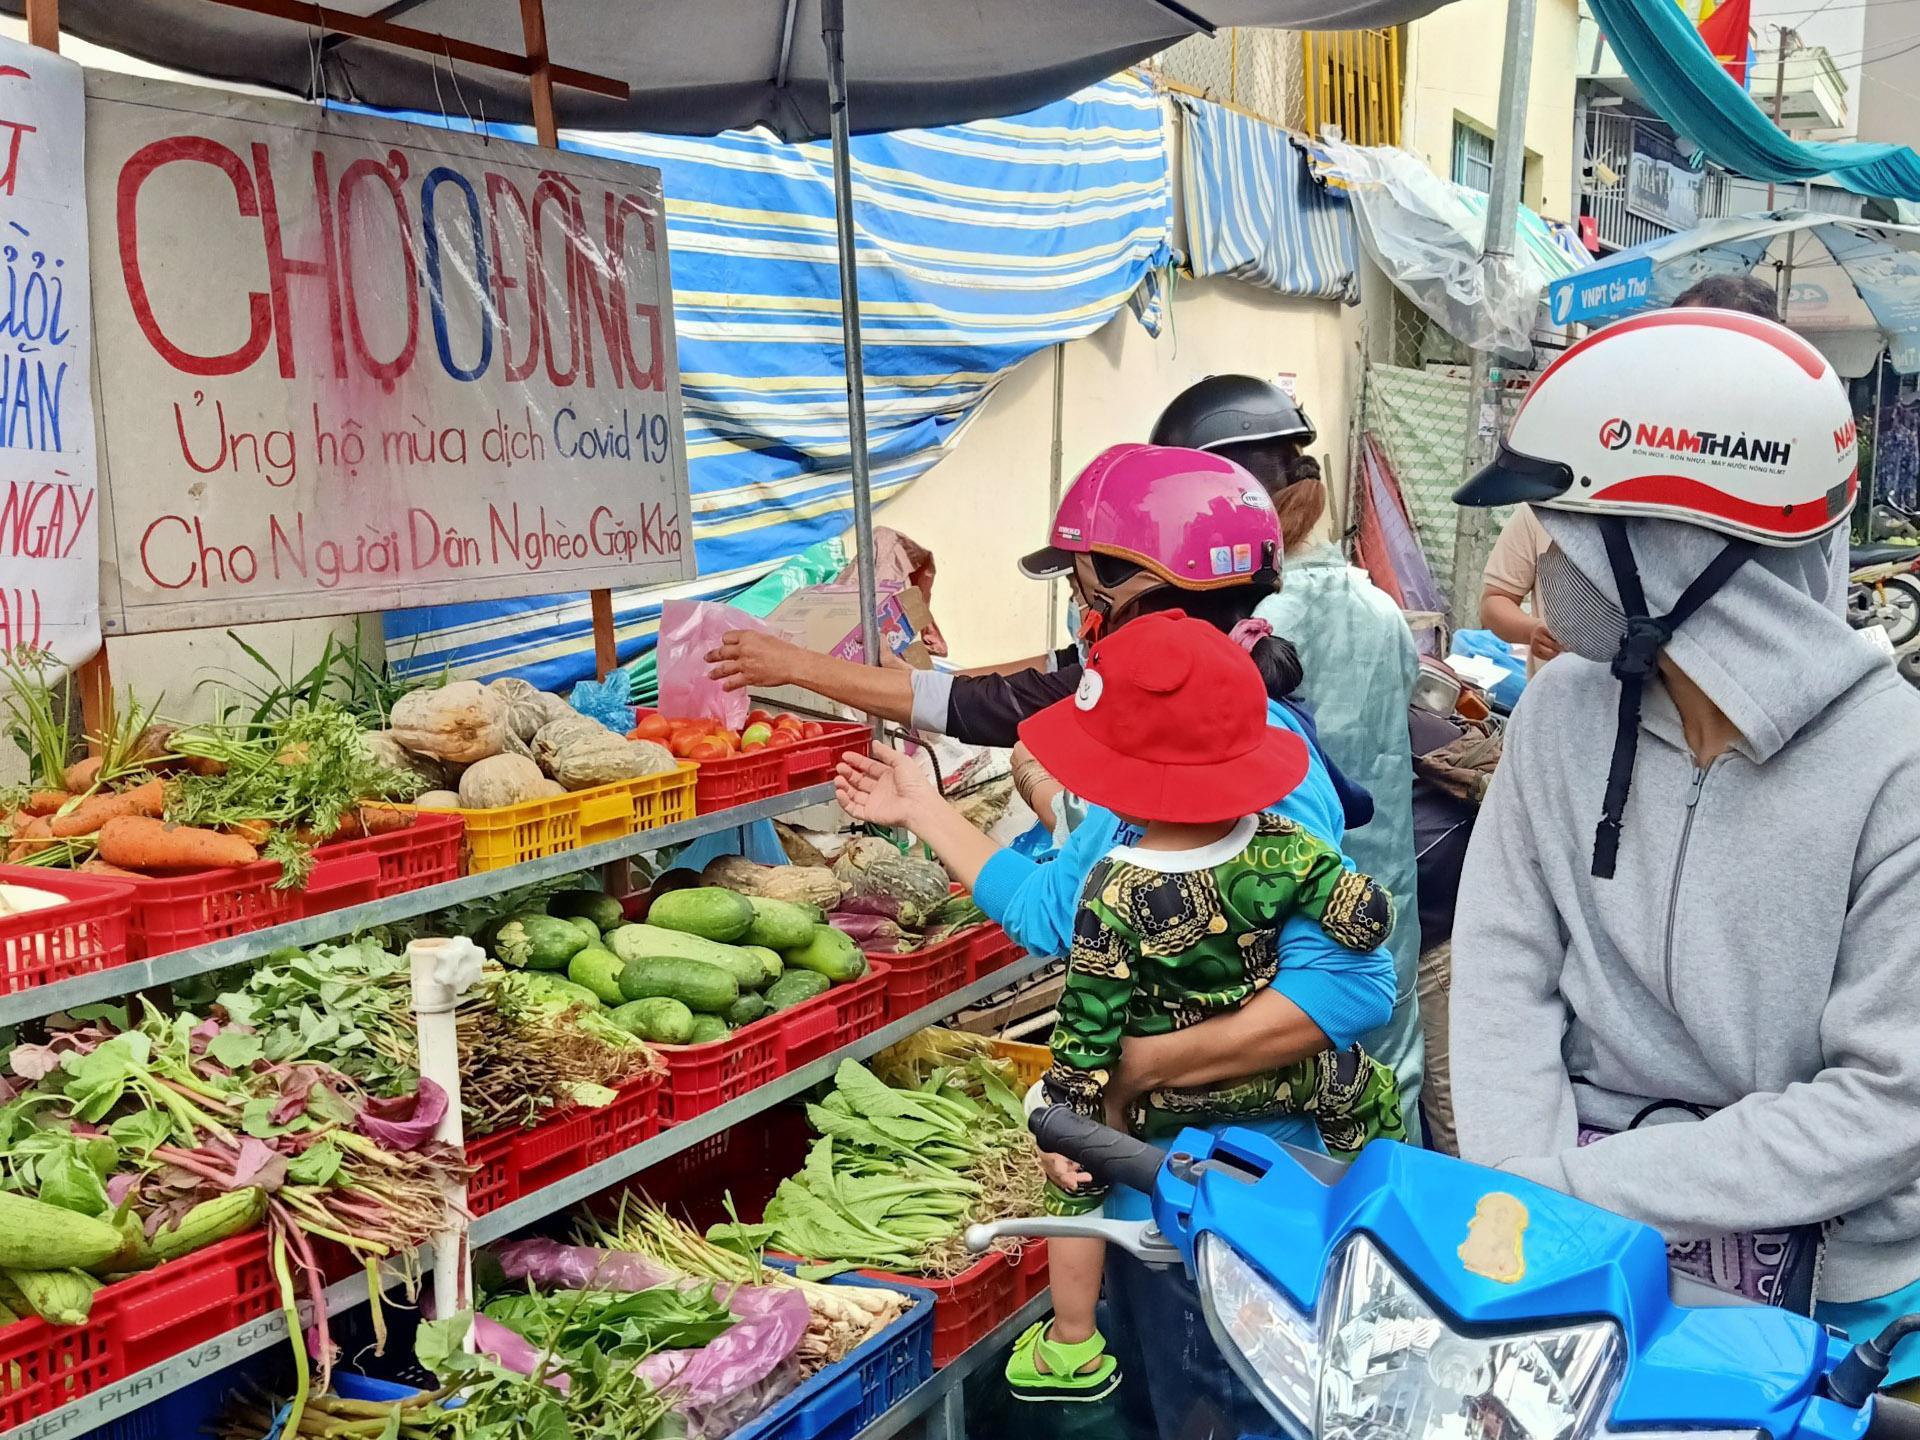 Gian hàng 0 đồng nằm sau lưng chùa Phước Long, đường Trần Hưng Đạo có đầy đủ các loại rau củ, mì, trứng như một sạp hàng ở chợ. Ảnh: Ngọc Trâm.